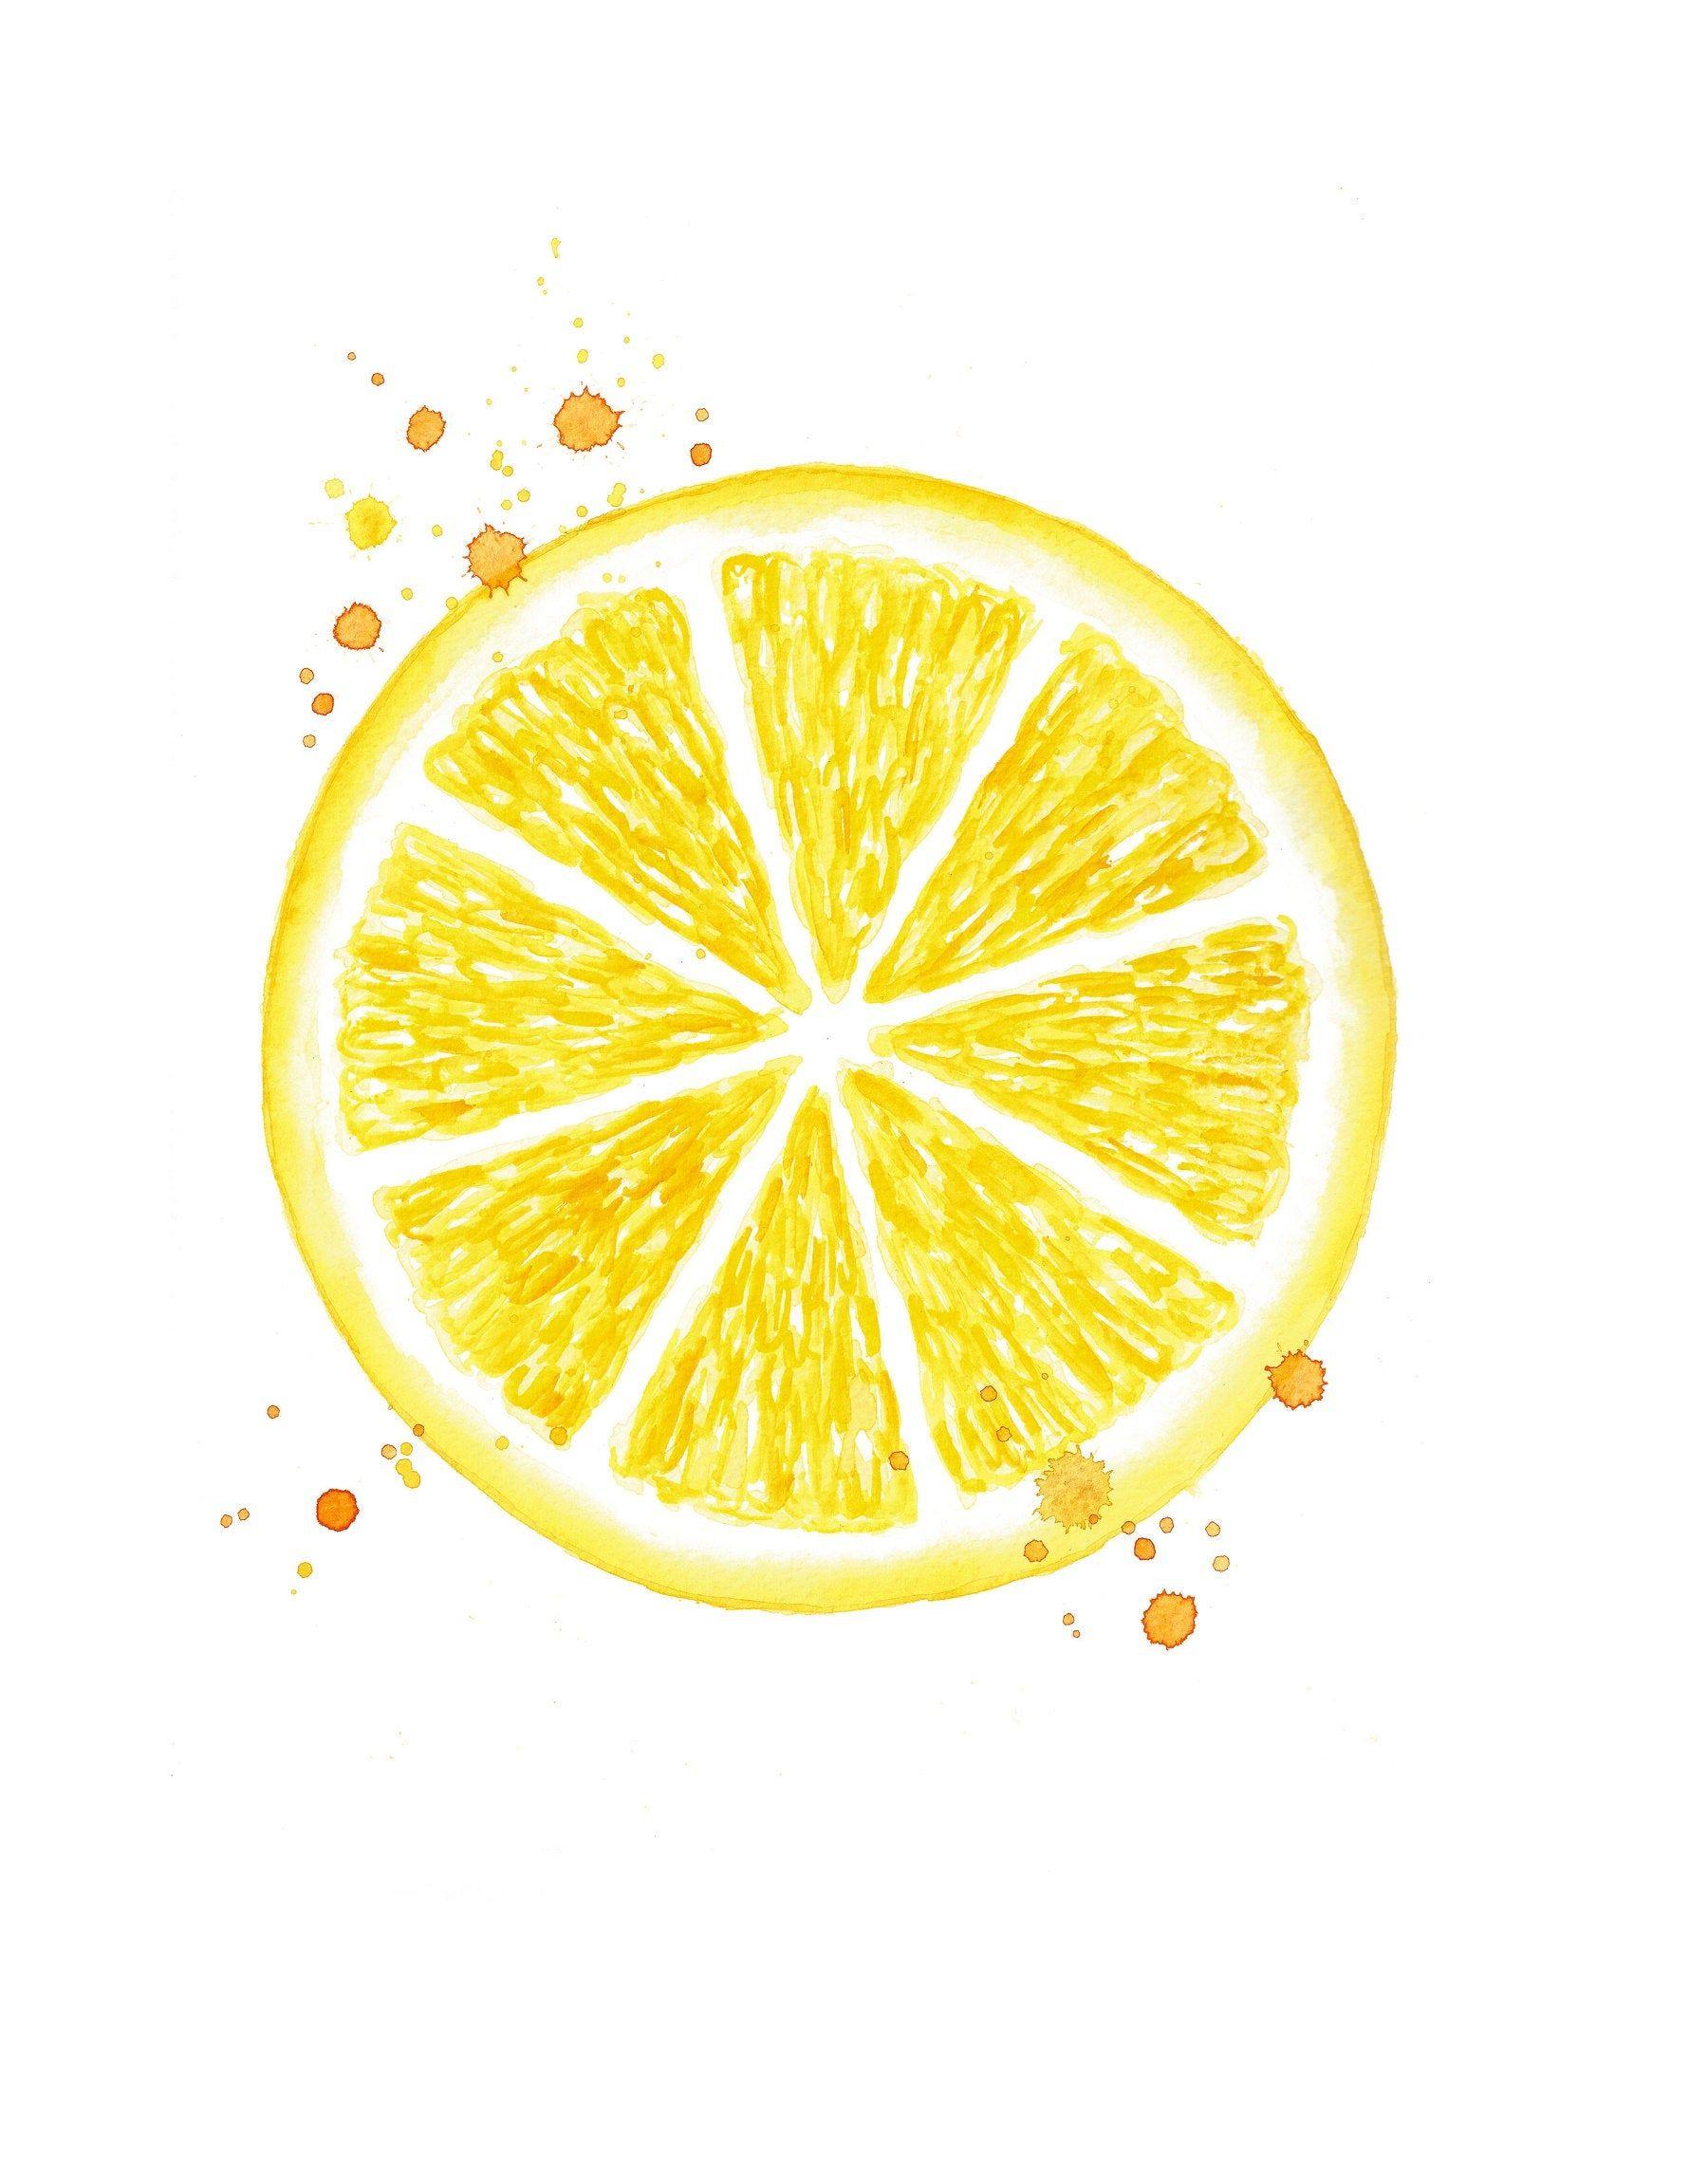 Photo of citrus print watercolor lemon print lemon watercolor kitchen wall decor watercolor fruit print kitchen painting citrus fruit art